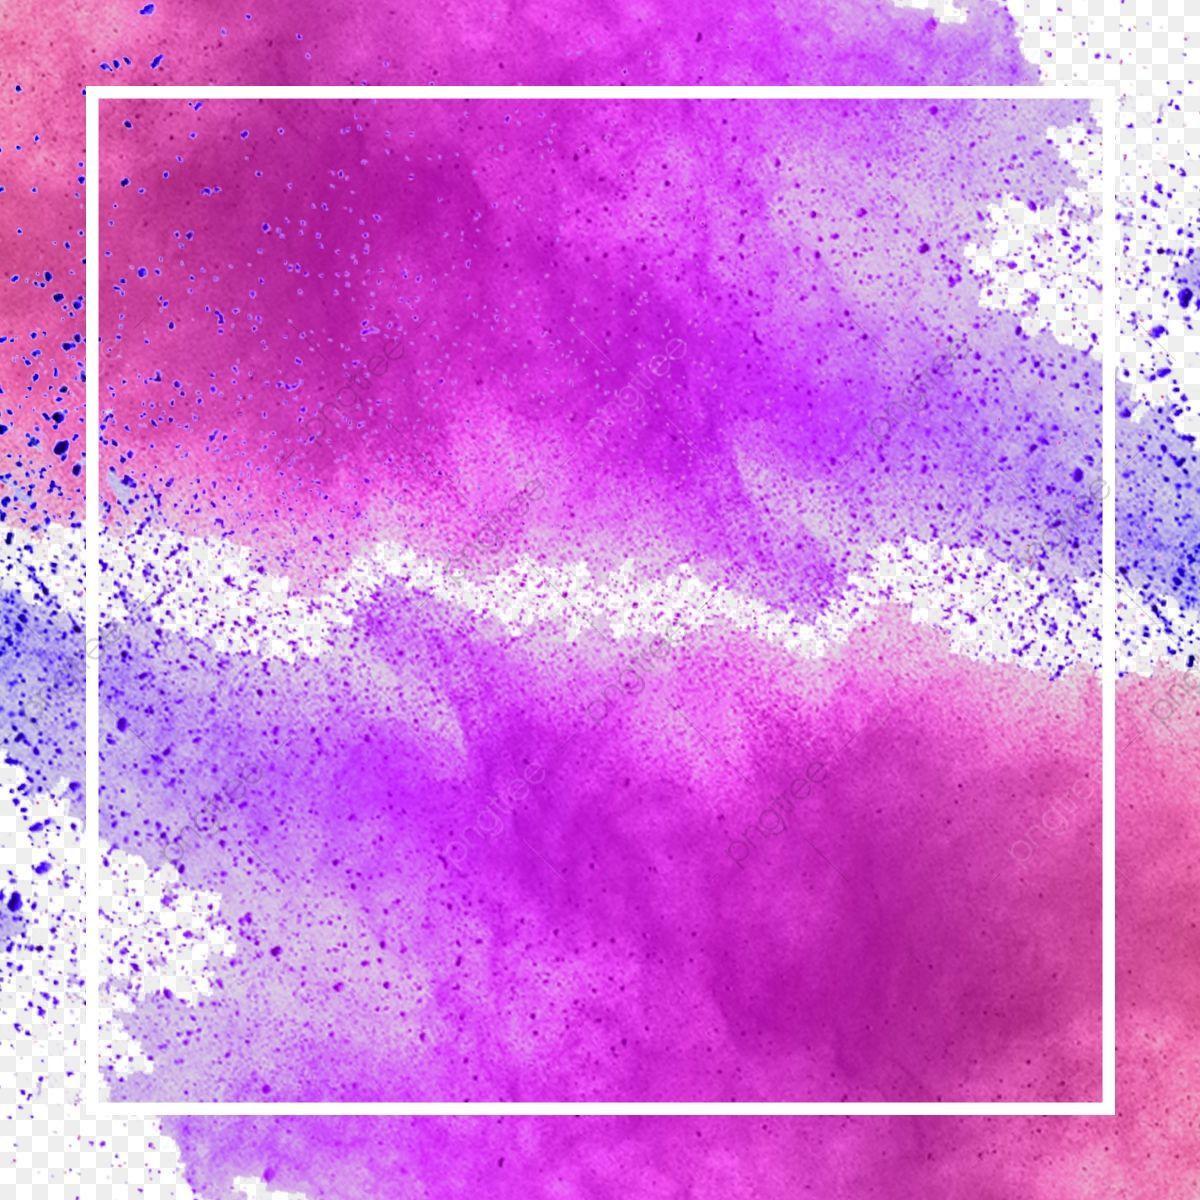 Watercolor Color Splatter Splash Watercolor Splatter Color Splash Png Transparent Clipart Image And Psd File For Free Download Paint Splash Background Color Splash Watercolor Splatter